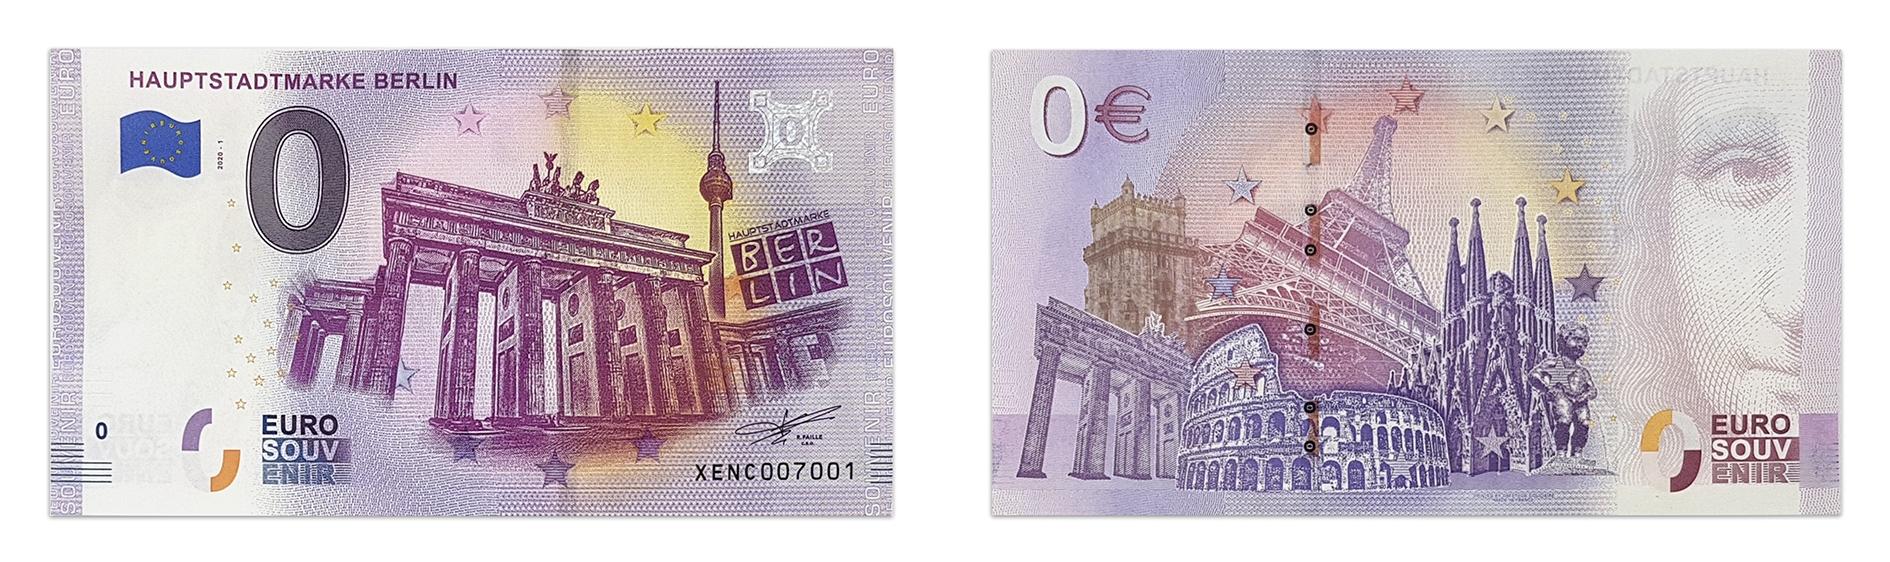 0 Euroschein Hauptstadtmarke BERLIN